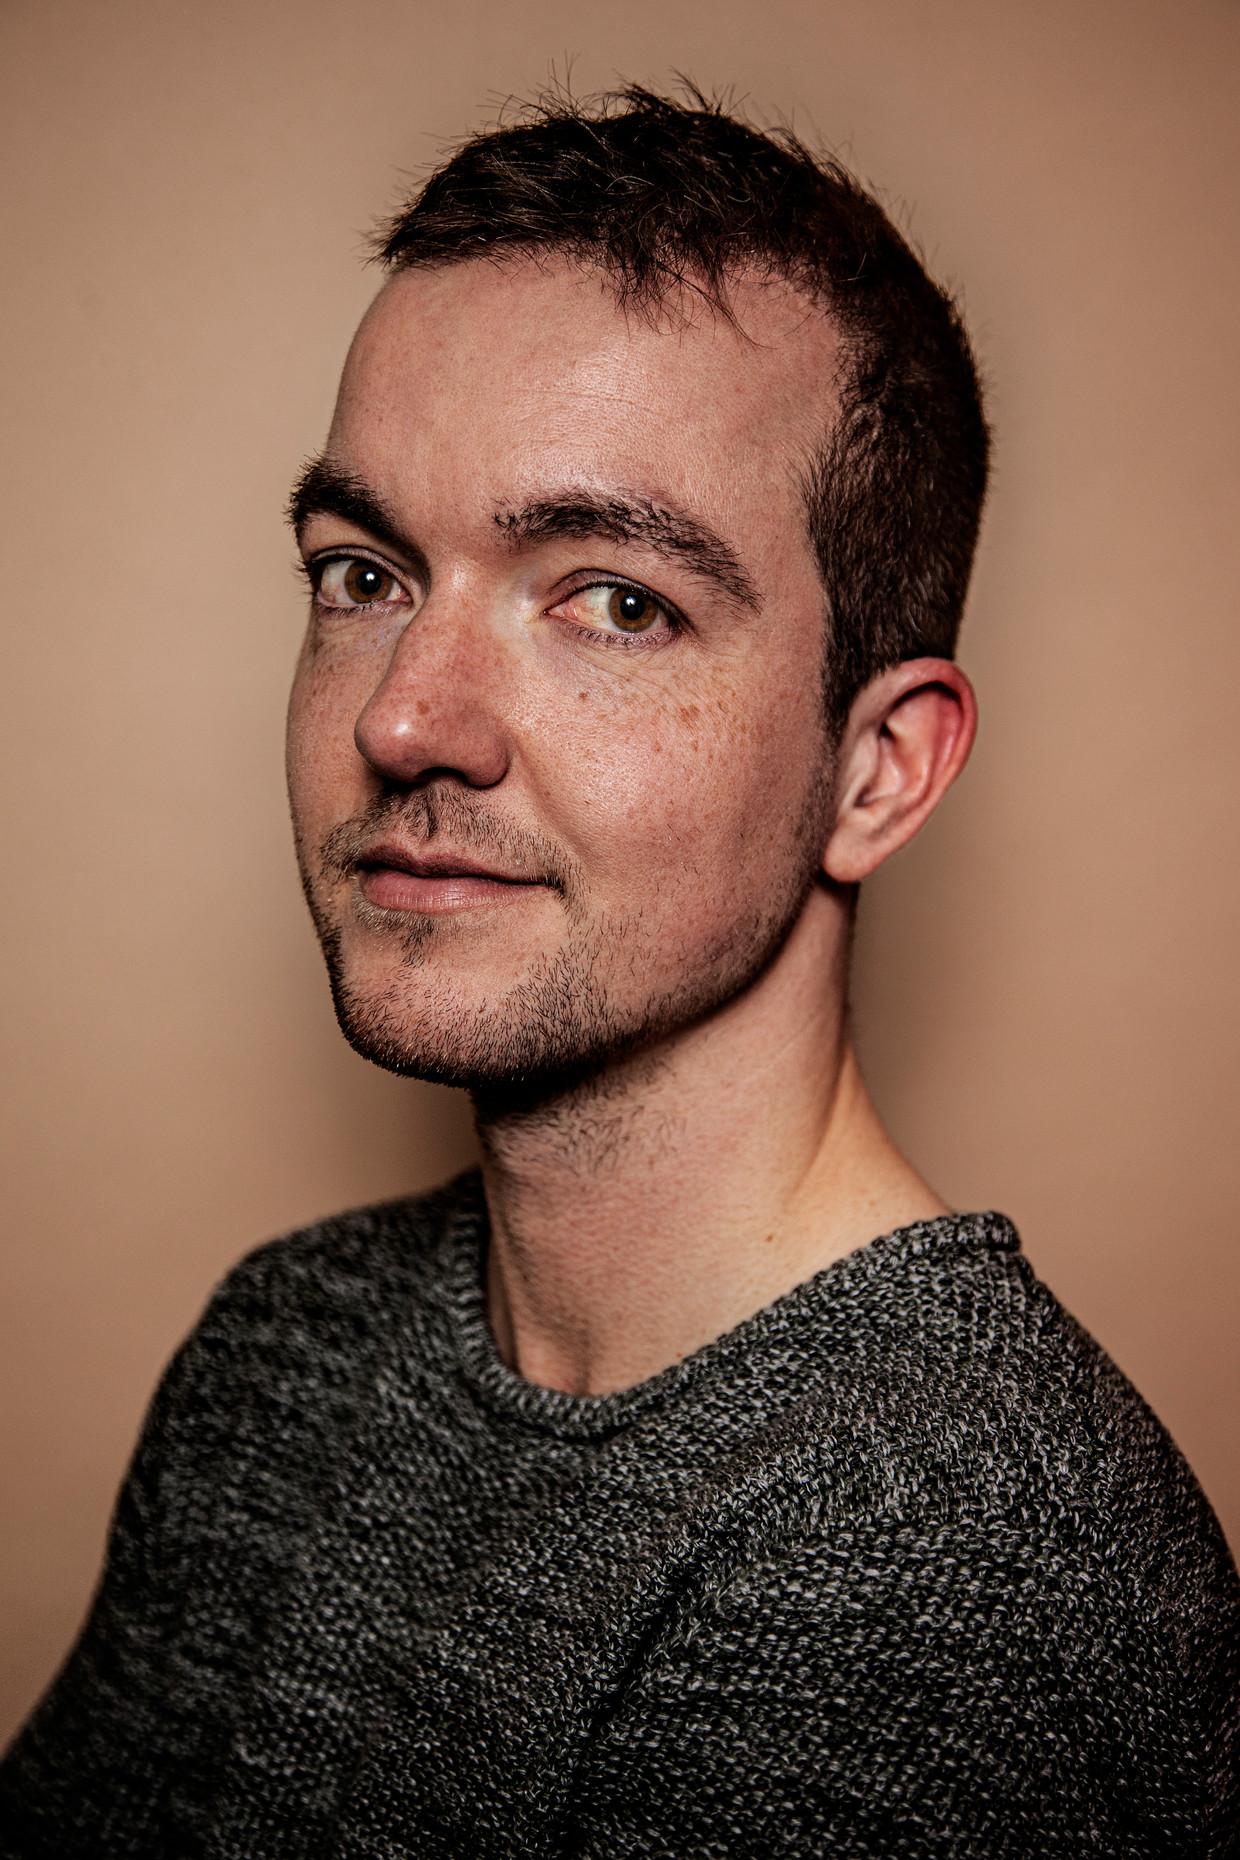 Schrijver Thomas van der Meer: 'Ik wil niet de indruk wekken dat ik namens een groep spreek.'